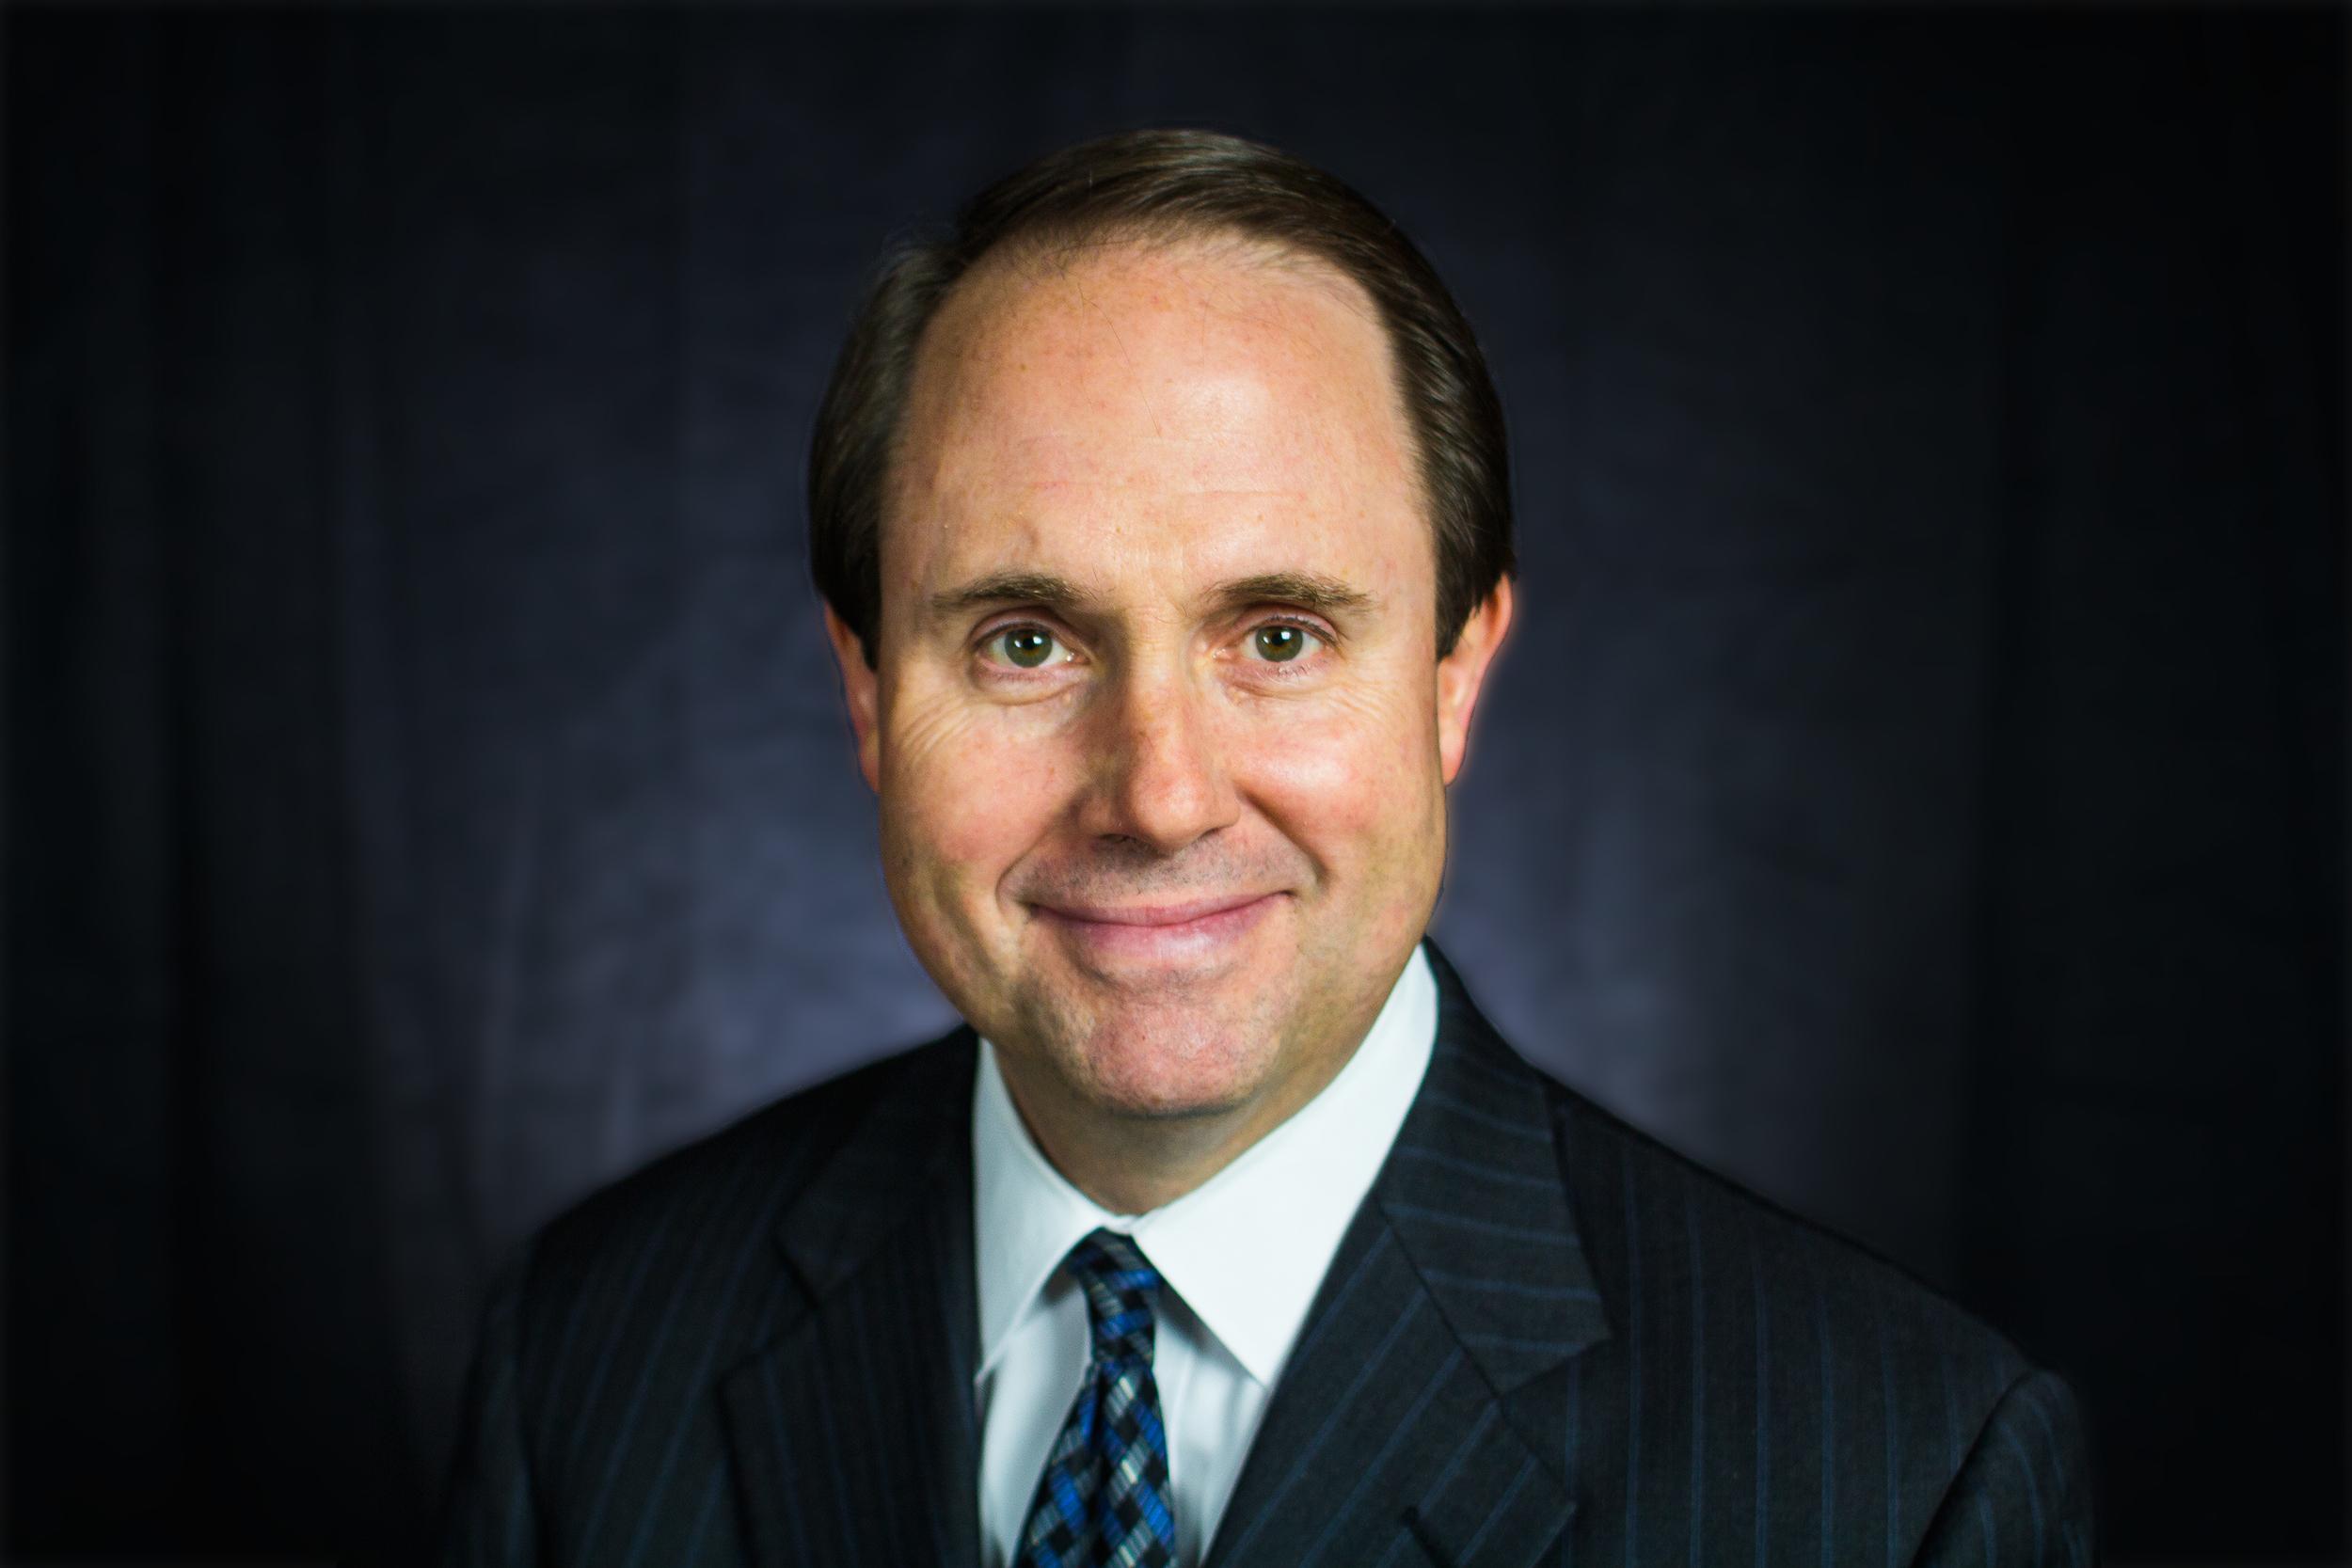 JIM DENISON // President of The Denison Forum